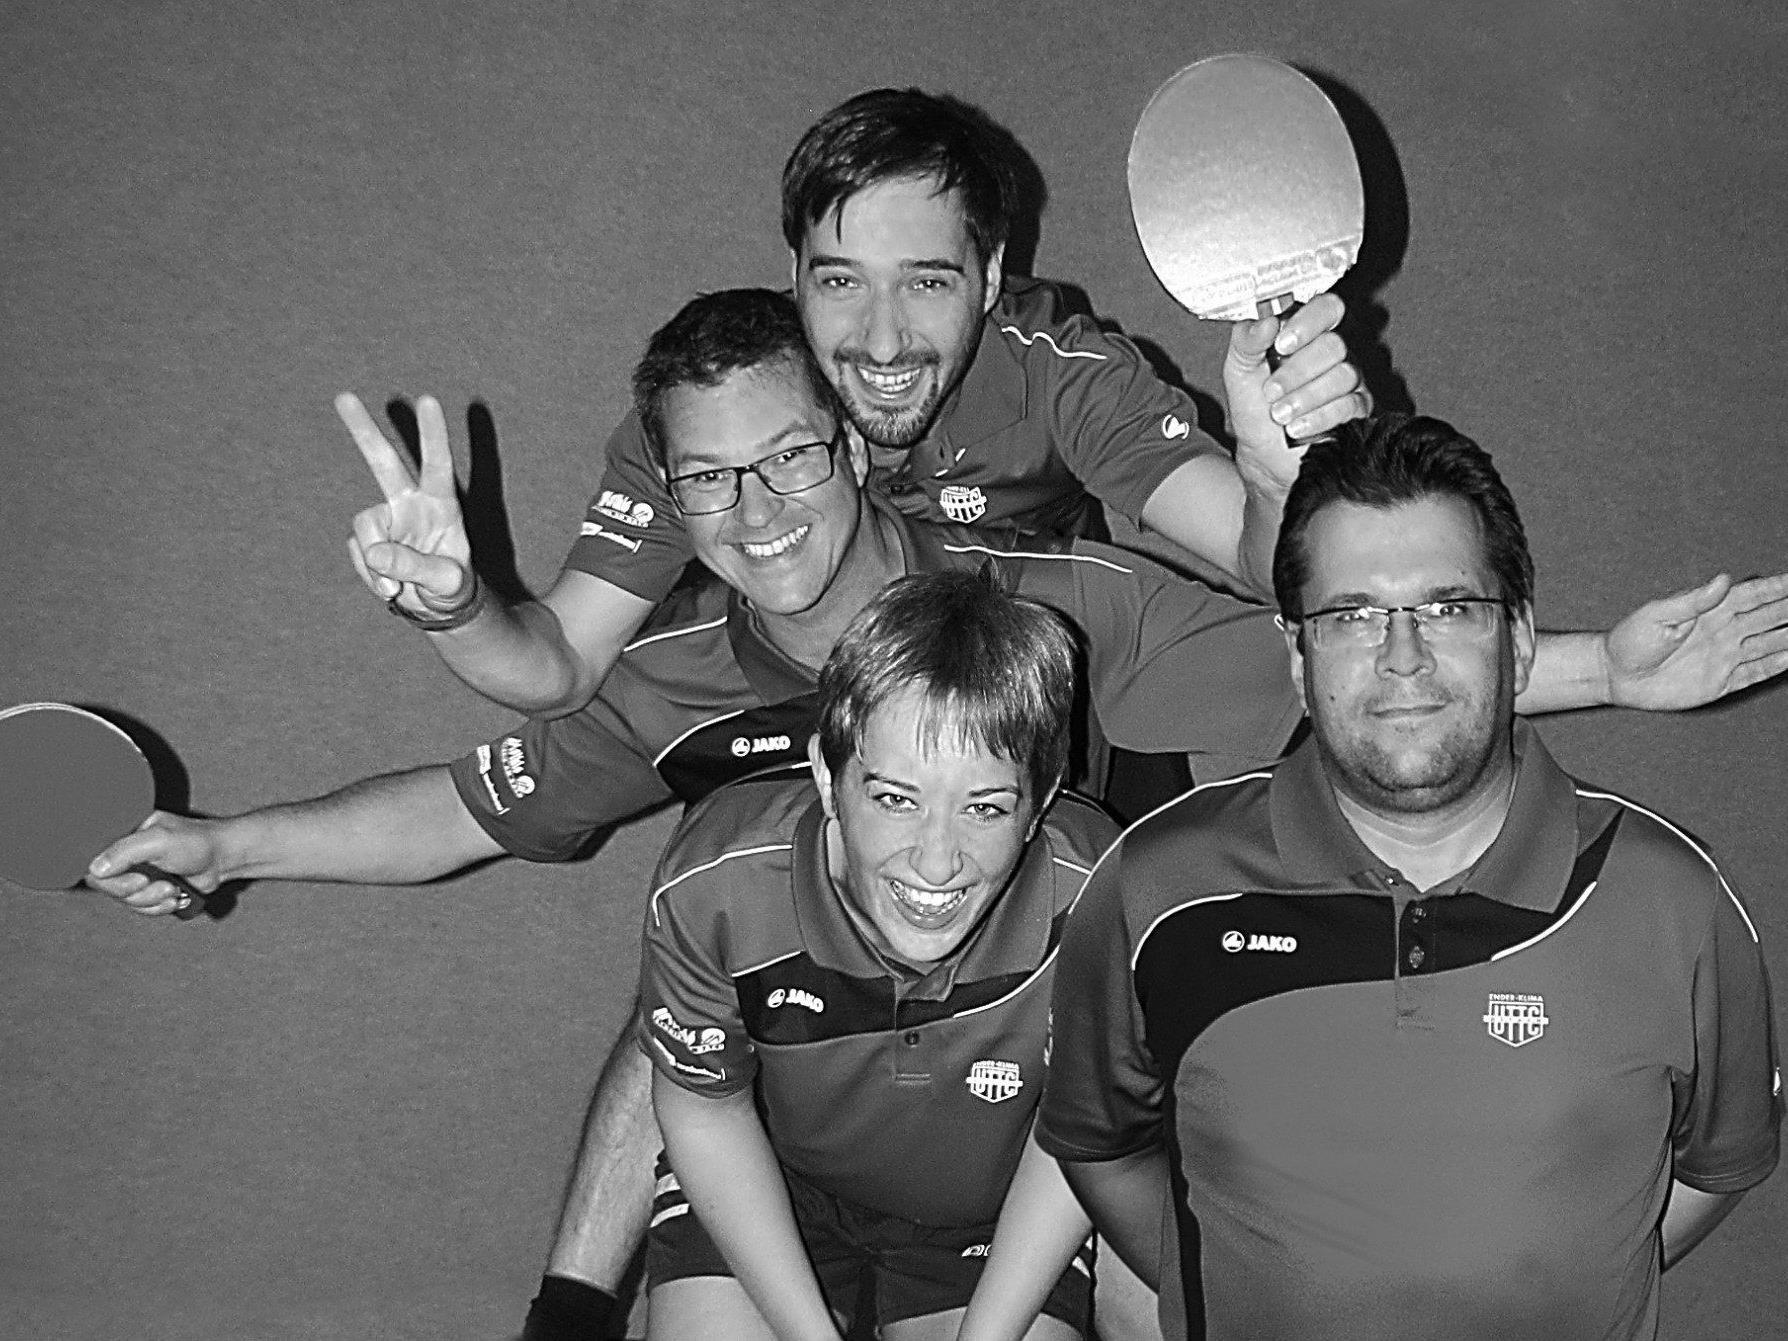 Die Tischtenniselite  - Sarah Kainz, Wolfi Mayer, Freddy Welte und Carlos Da Cunha